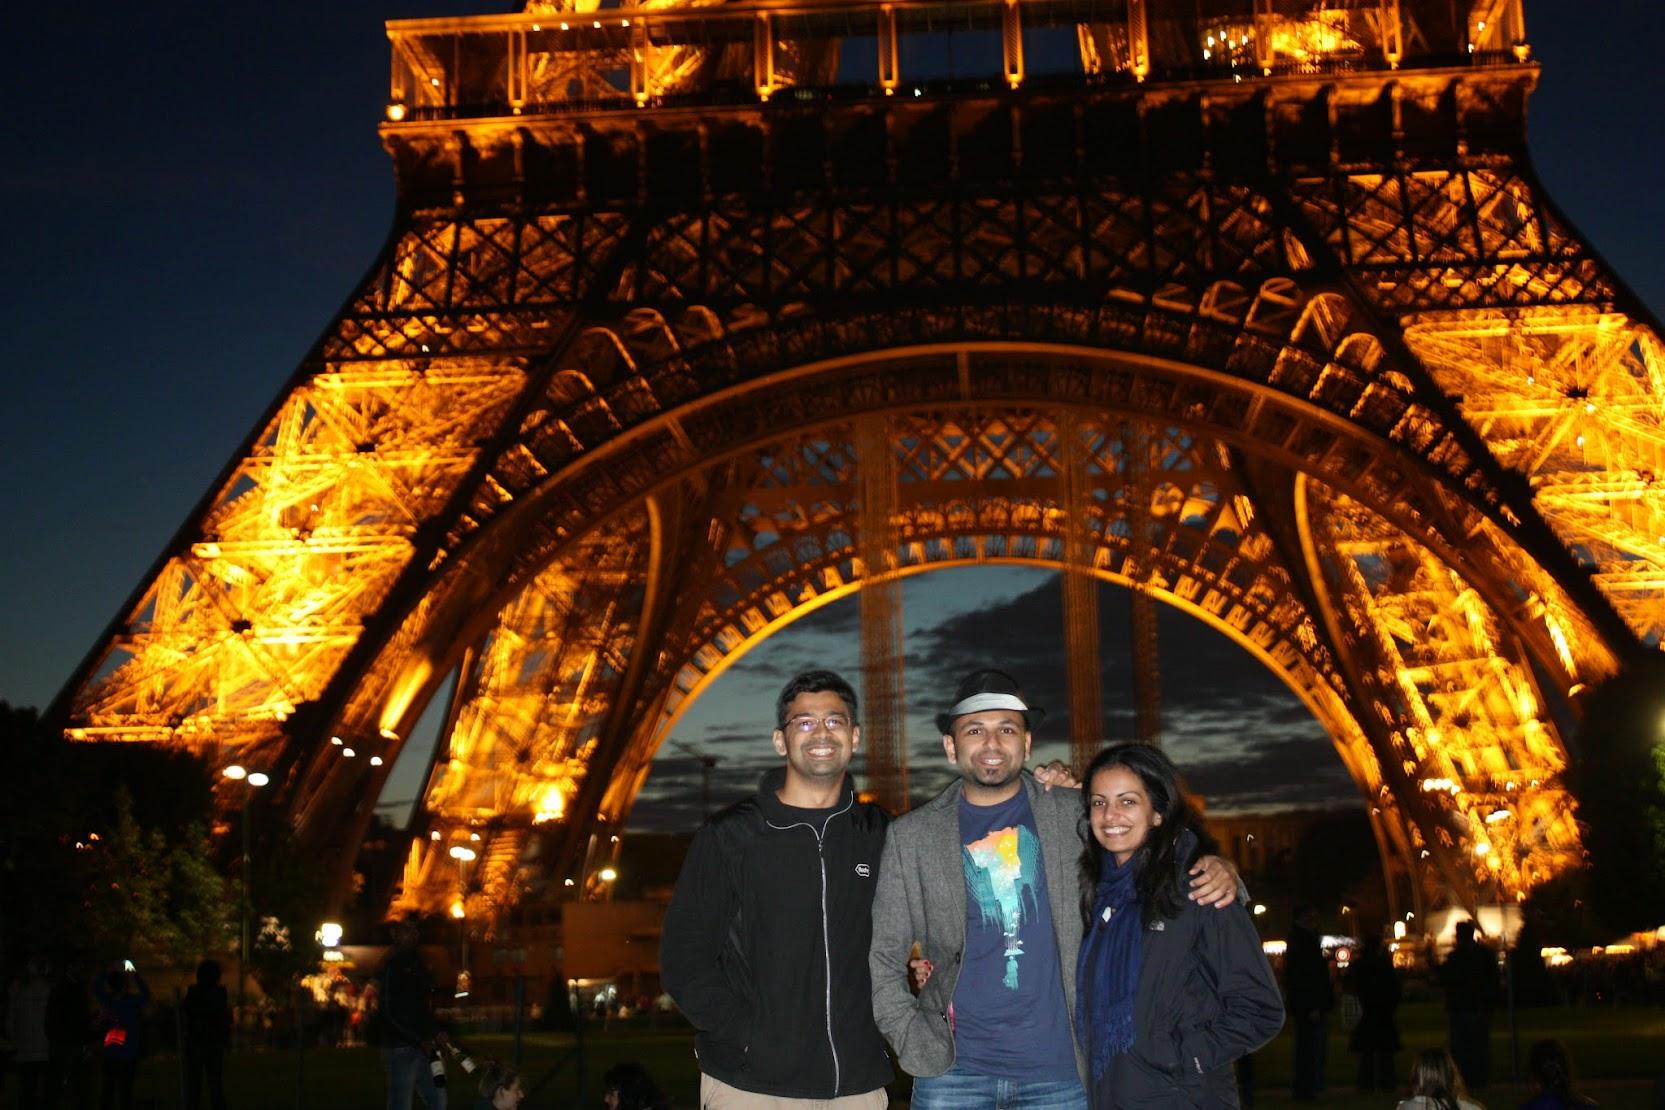 Eiffel tower by night!